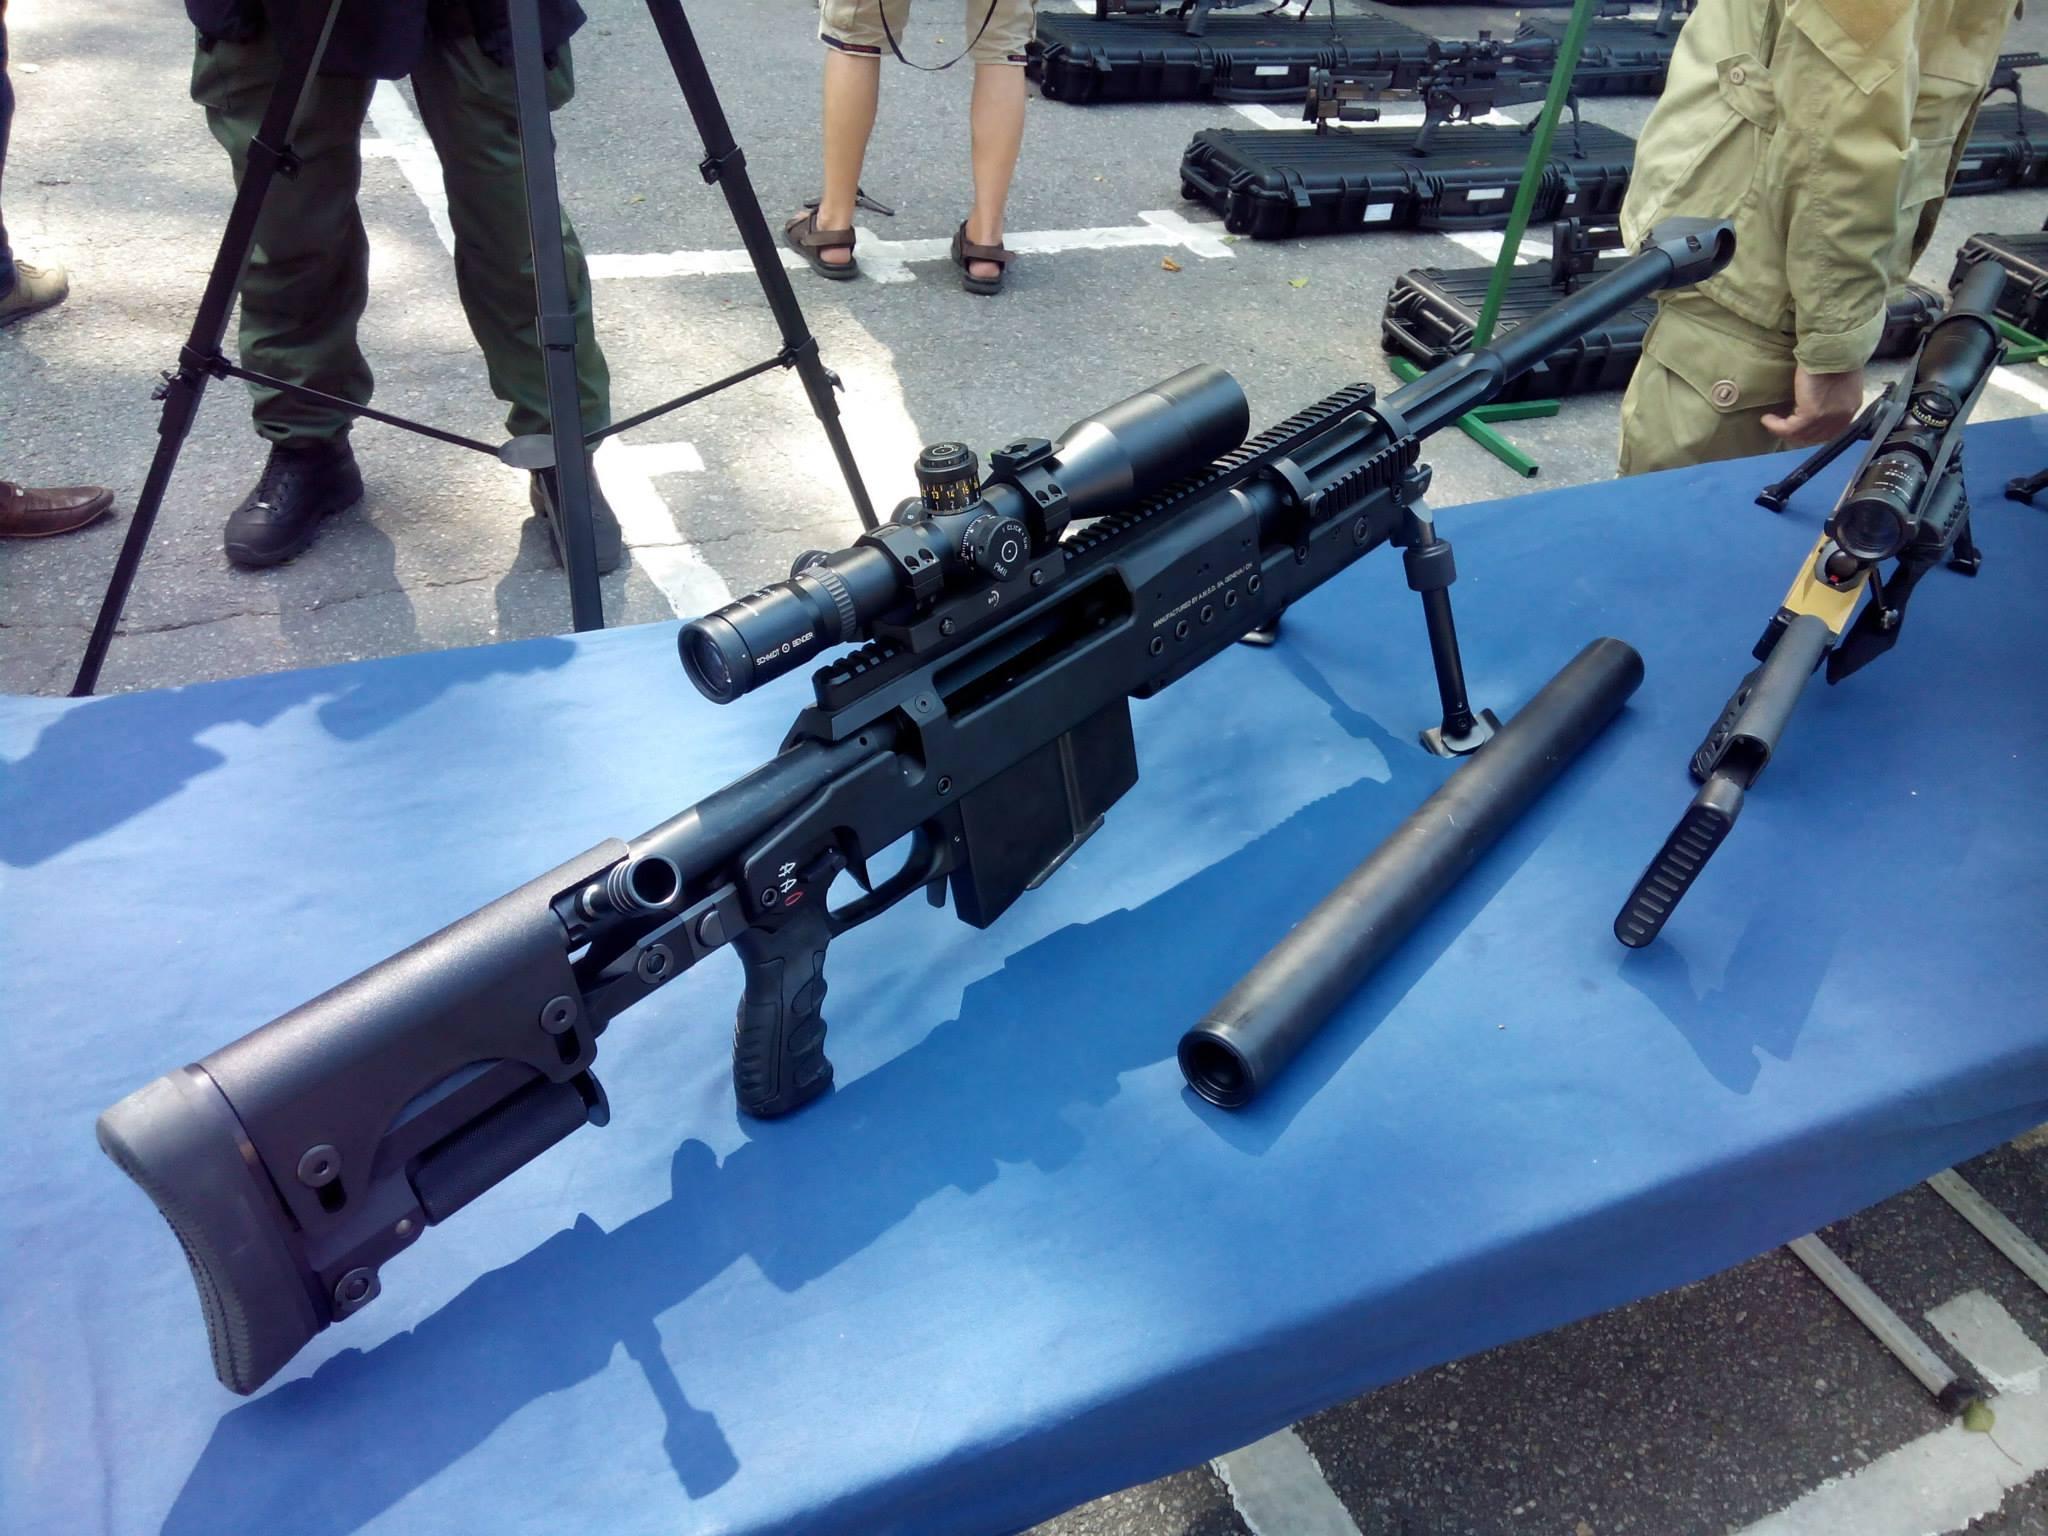 Подразделение получило крупнокалиберные винтовки 12.7 мм завода